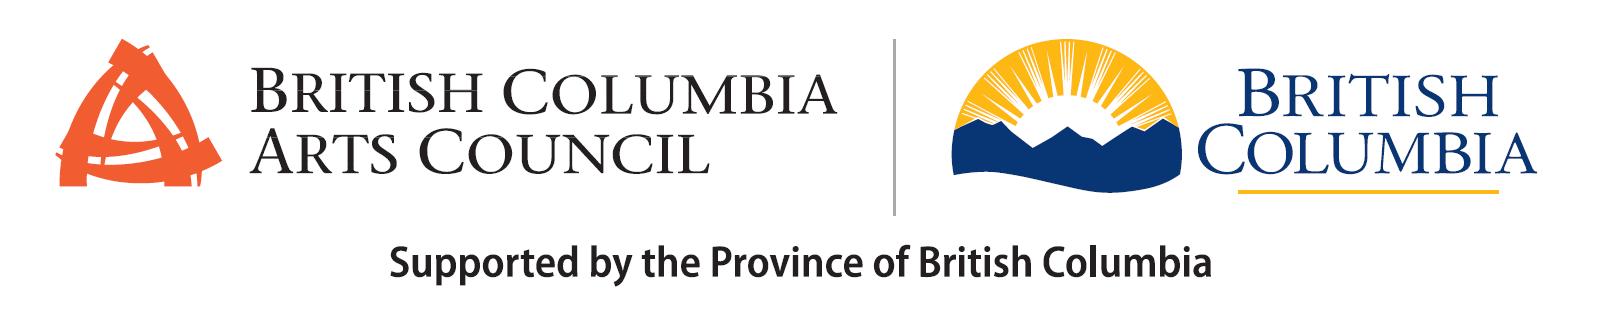 BC Arts Council and Province of BC Logo